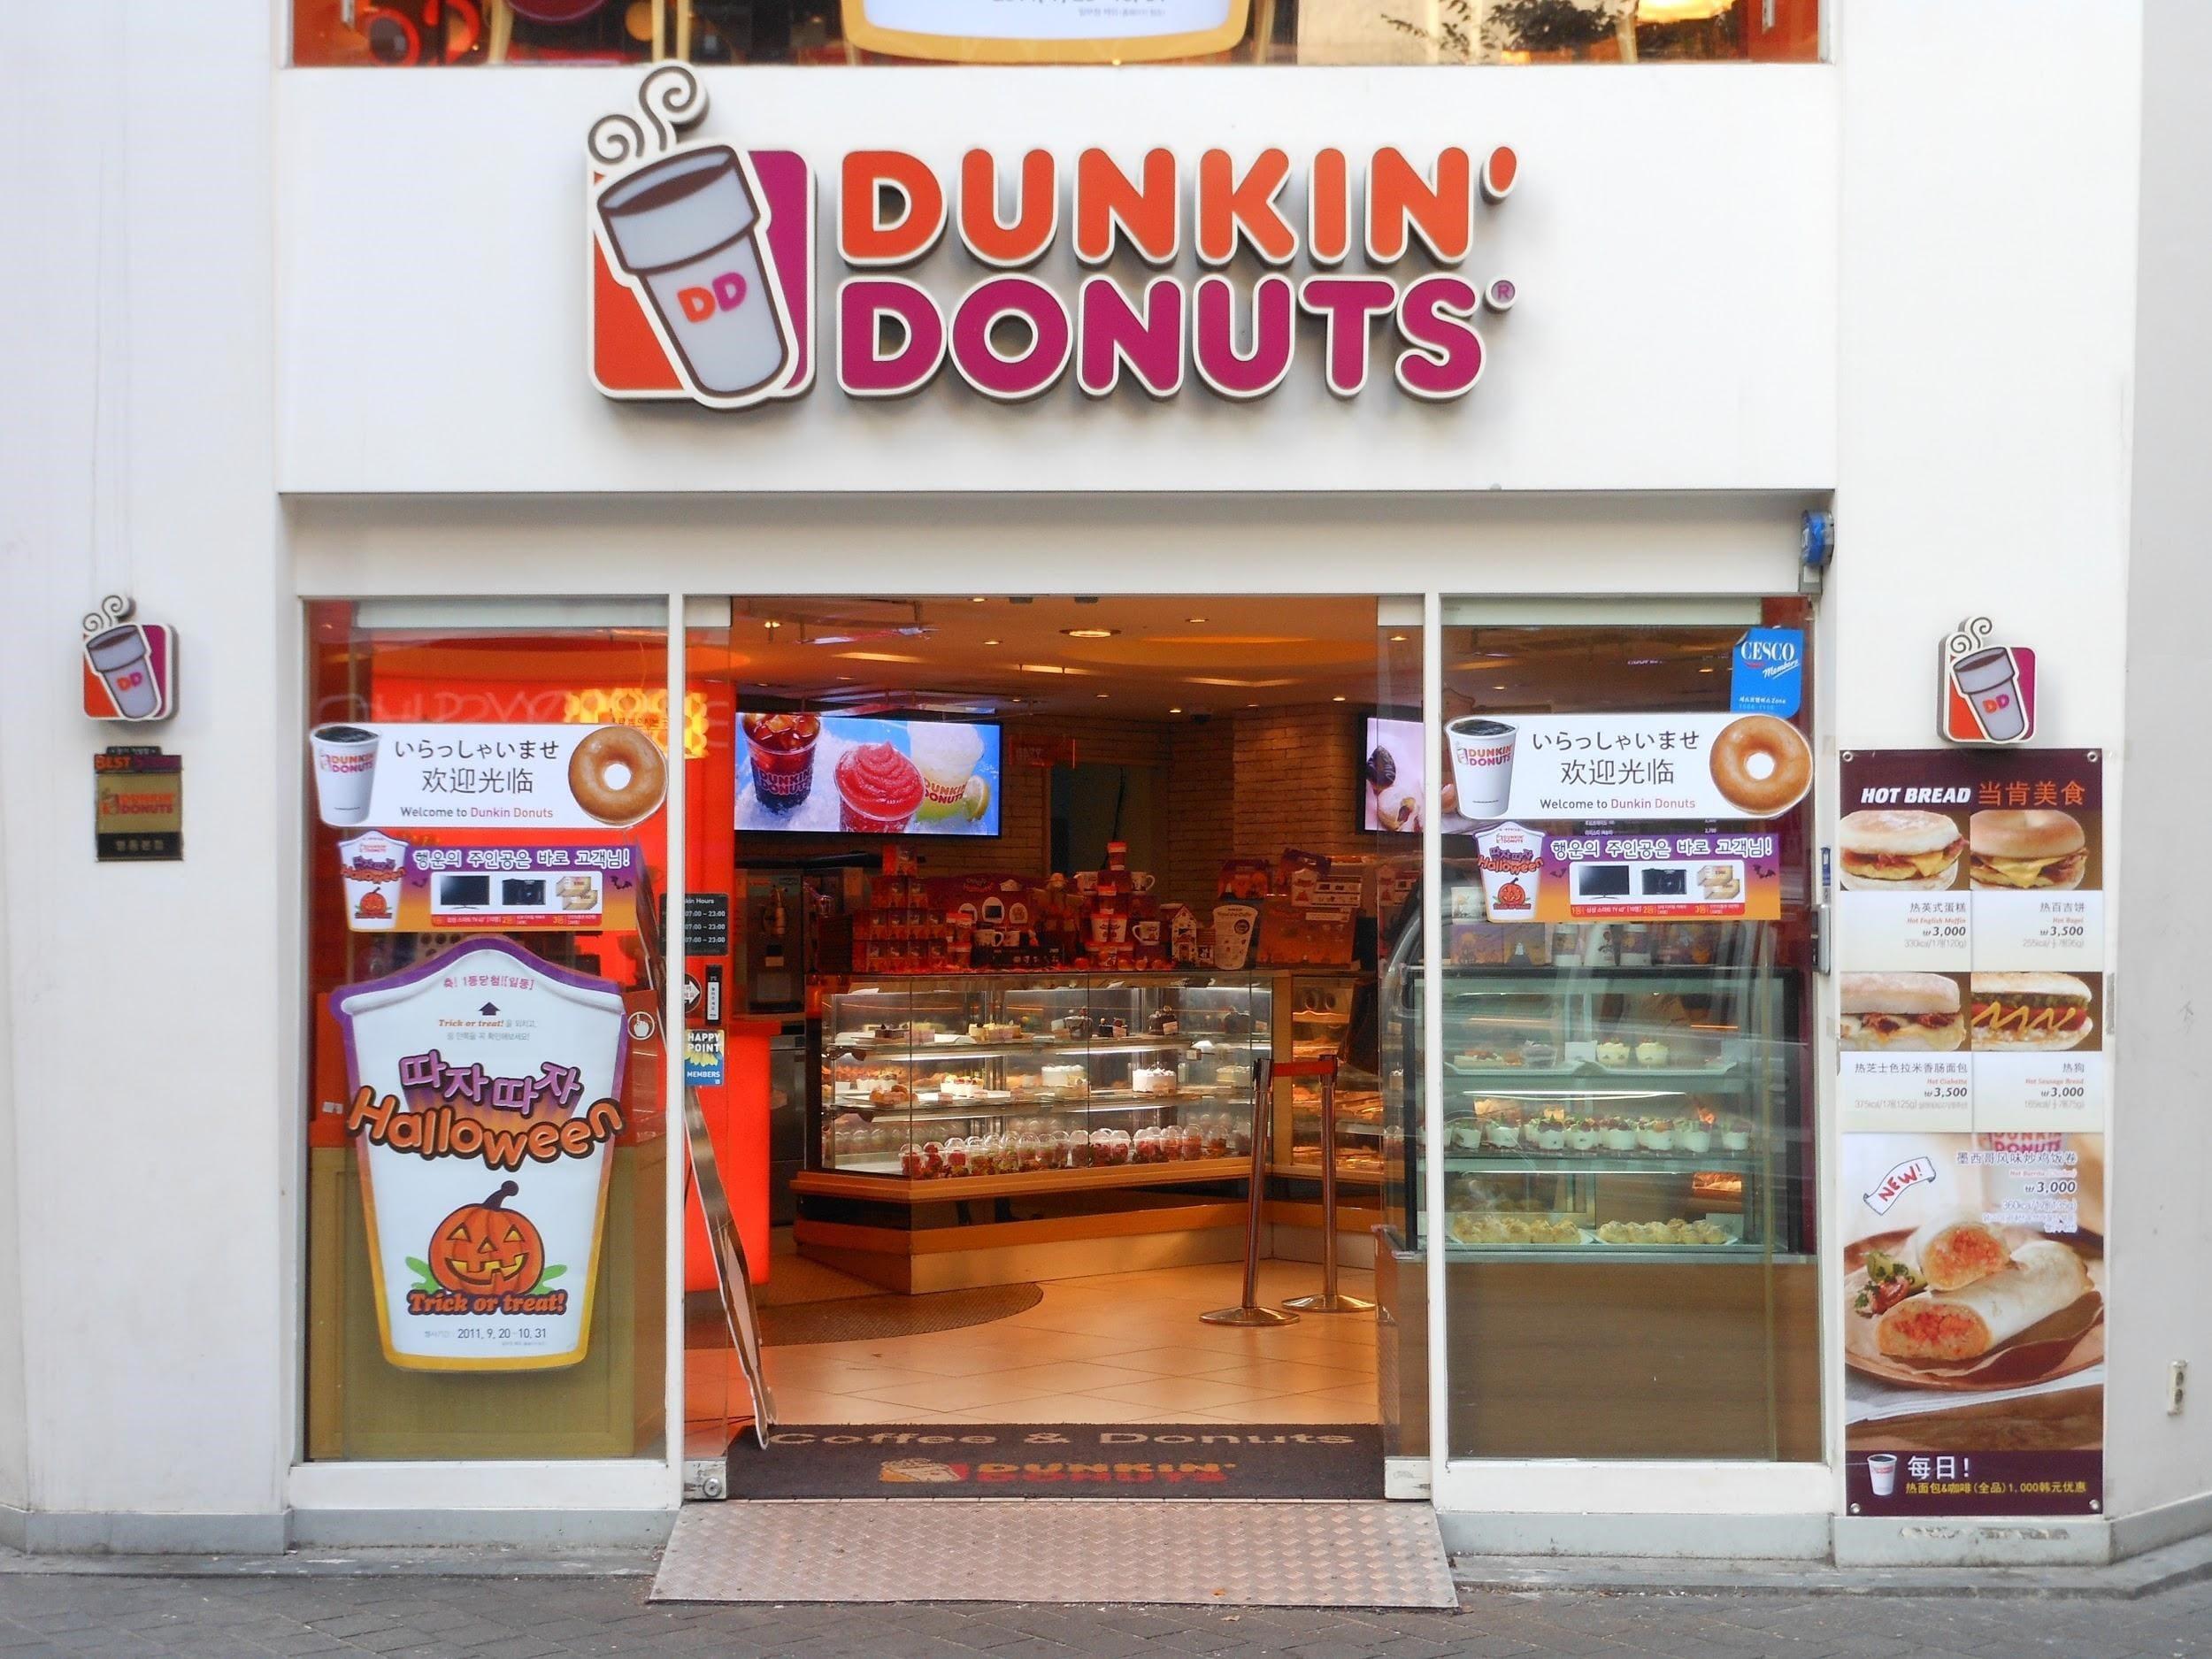 Dunkin' Donuts' shop